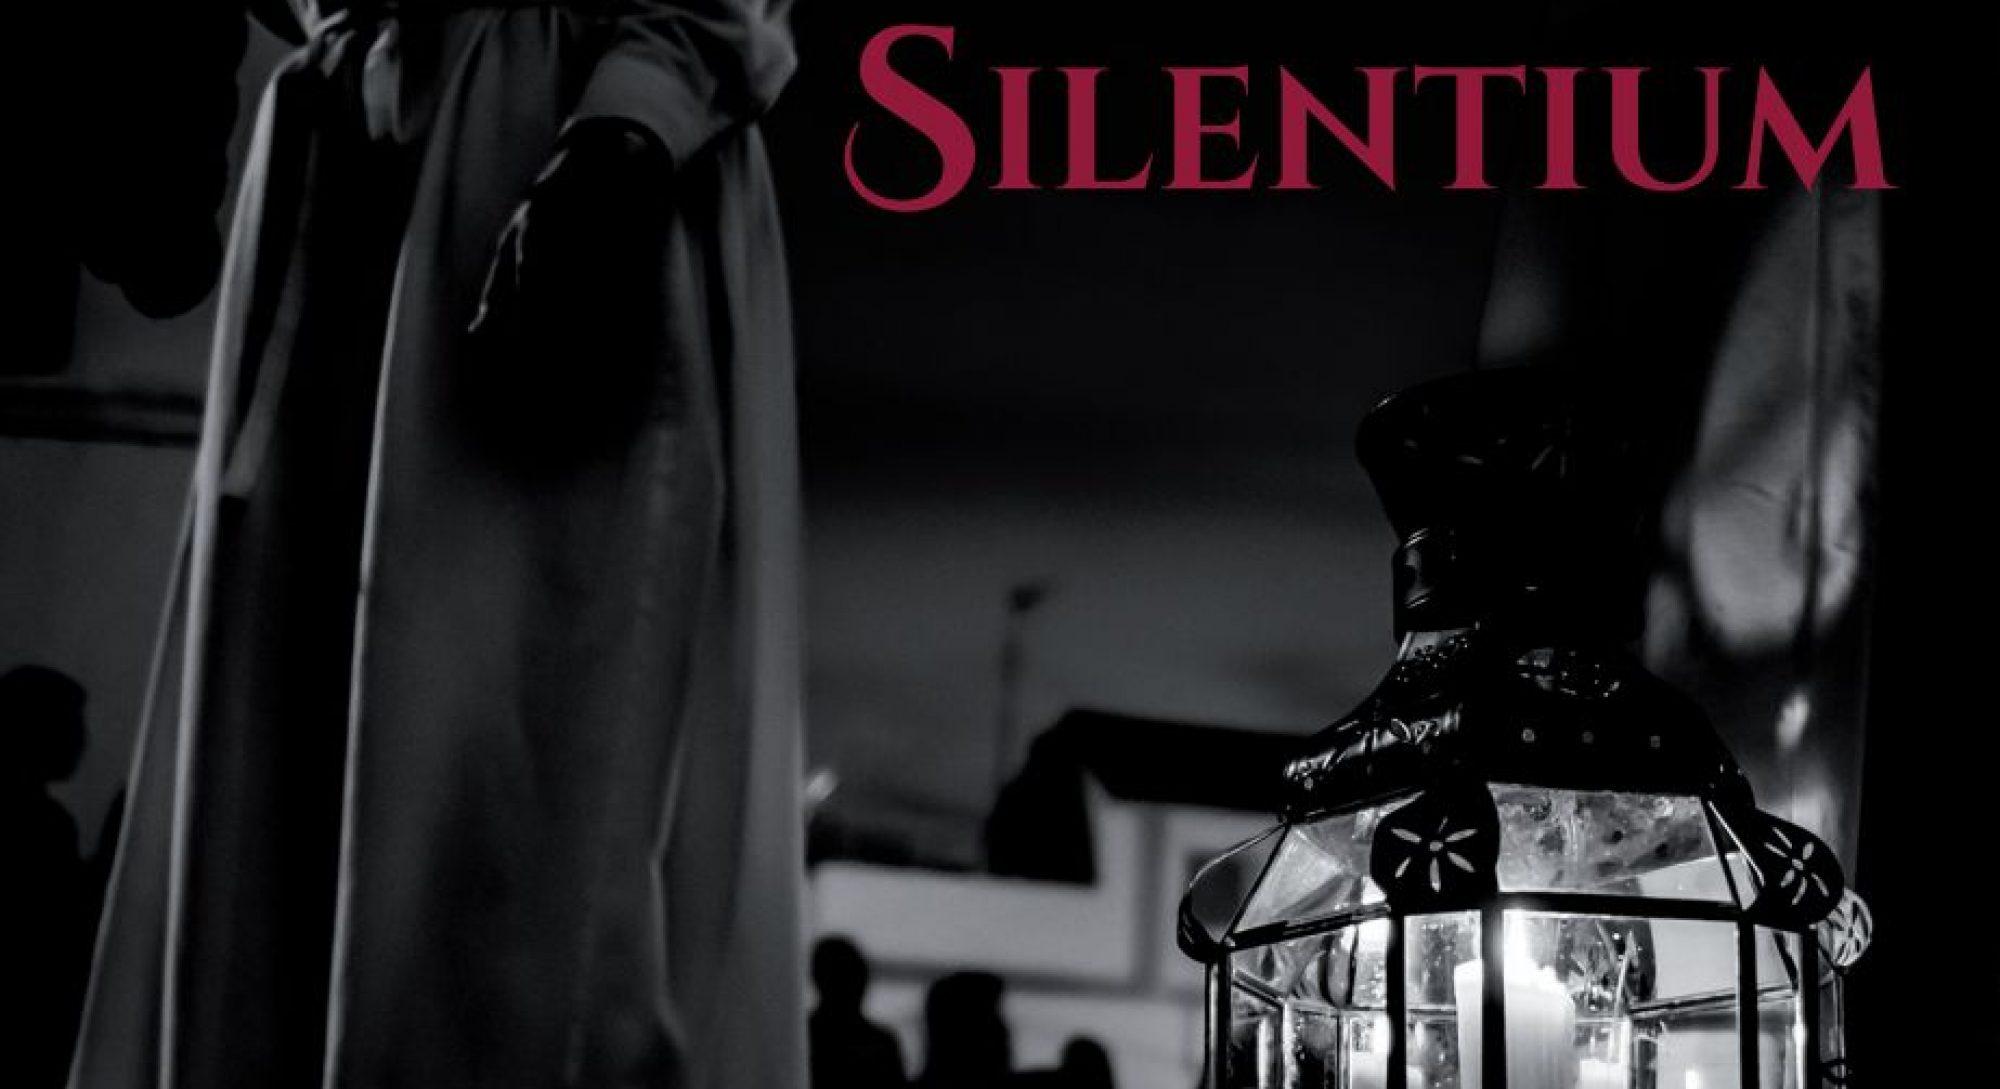 Silentium - Ars Sacra